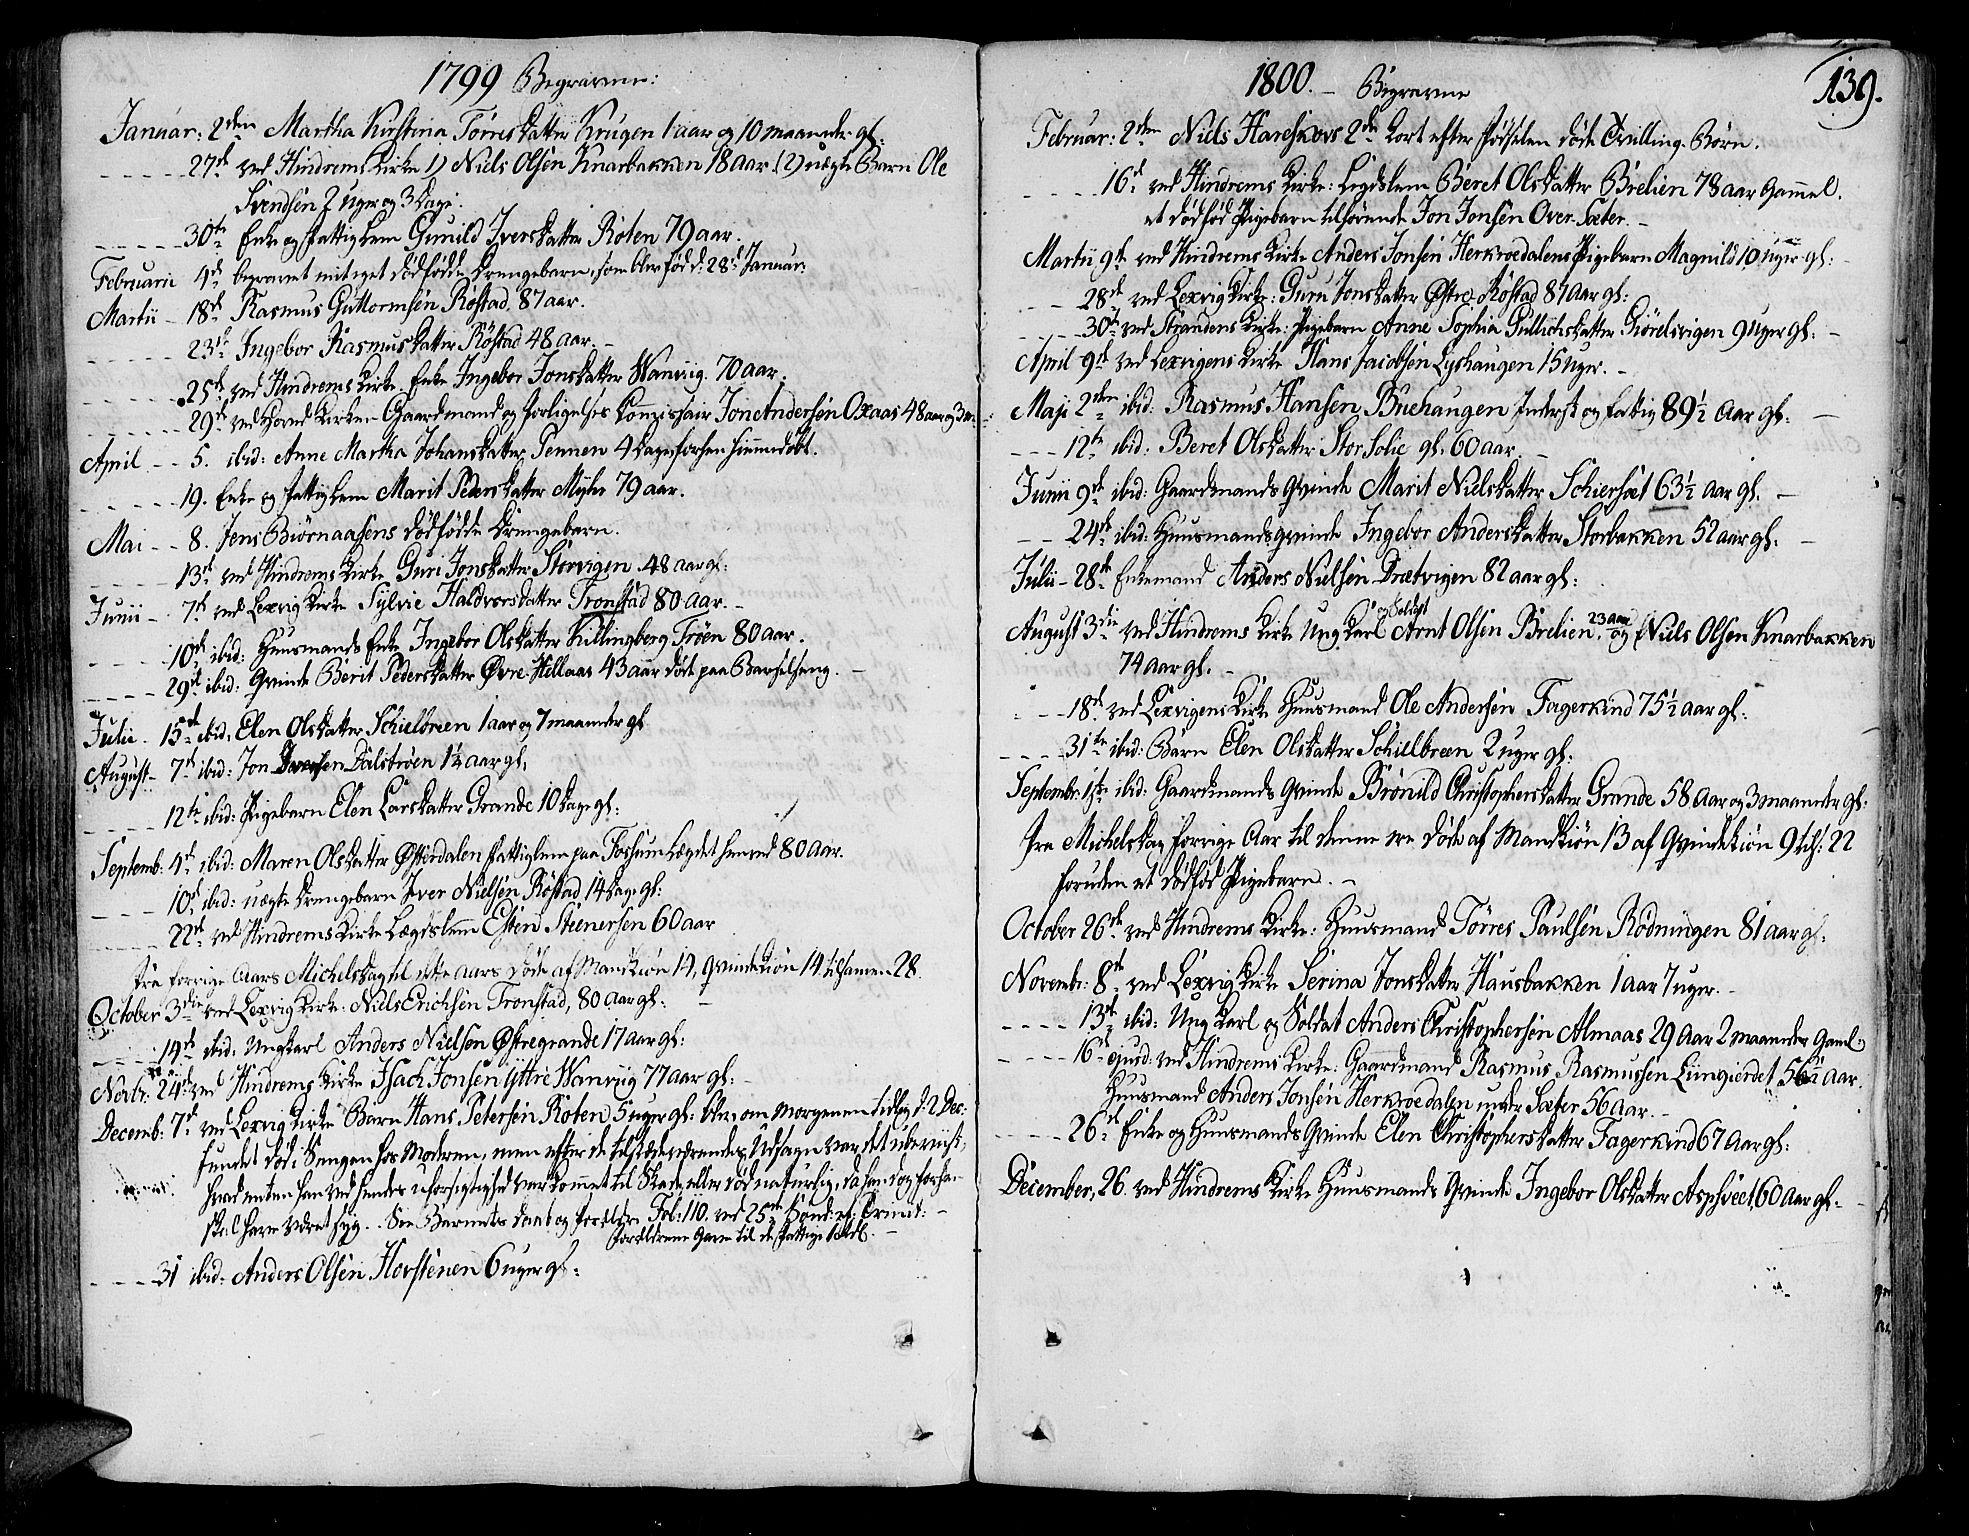 SAT, Ministerialprotokoller, klokkerbøker og fødselsregistre - Nord-Trøndelag, 701/L0004: Ministerialbok nr. 701A04, 1783-1816, s. 139